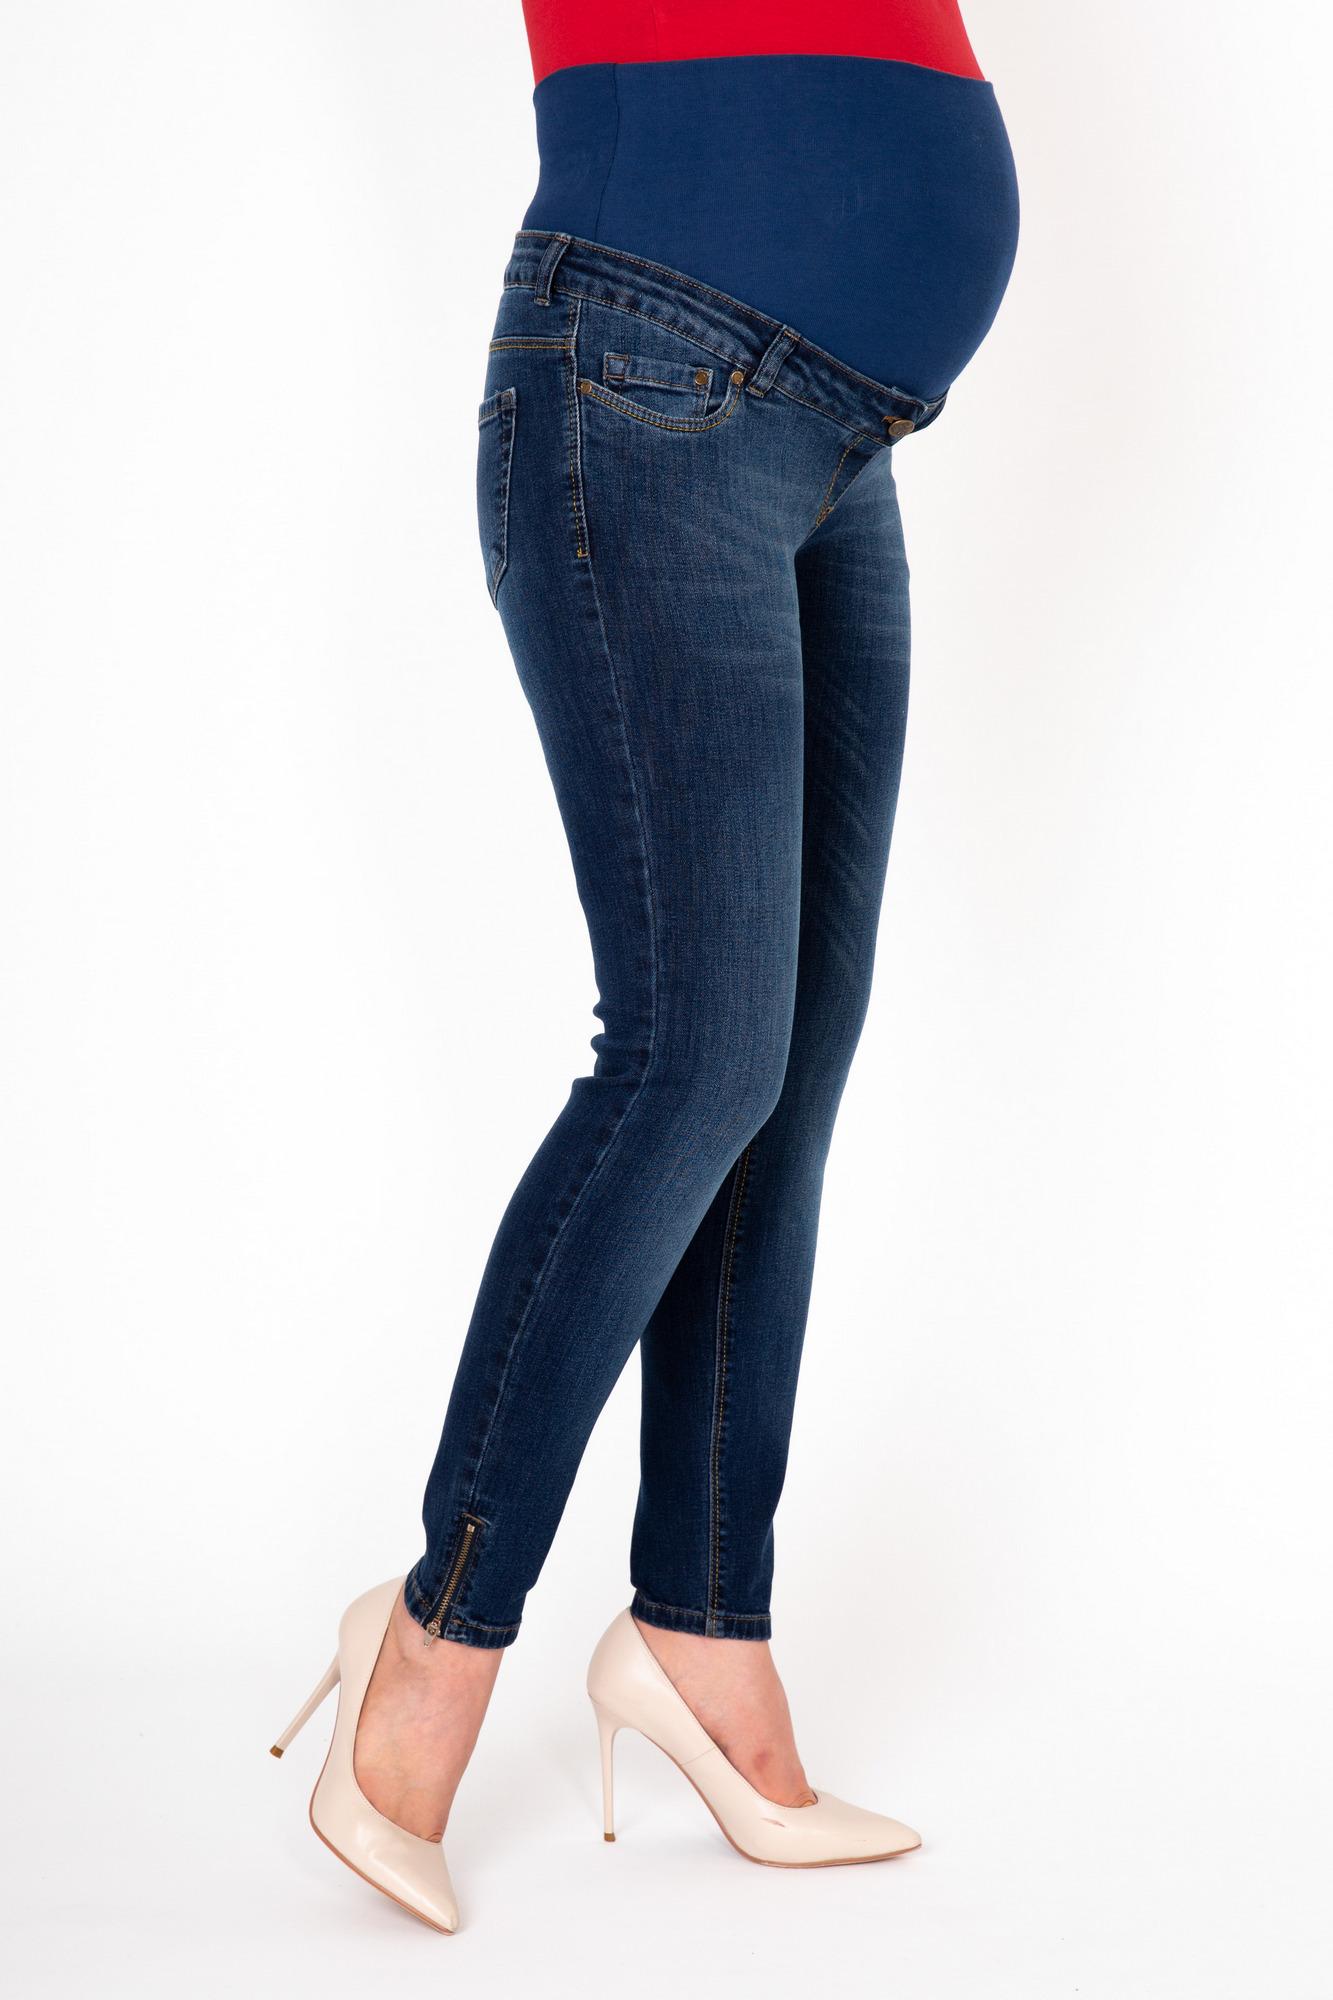 Фото джинсы-скинни для беременных MAMA`S FANTASY, средняя посадка. вставка, молнии по бокам снизу от магазина СкороМама, синий, размеры.